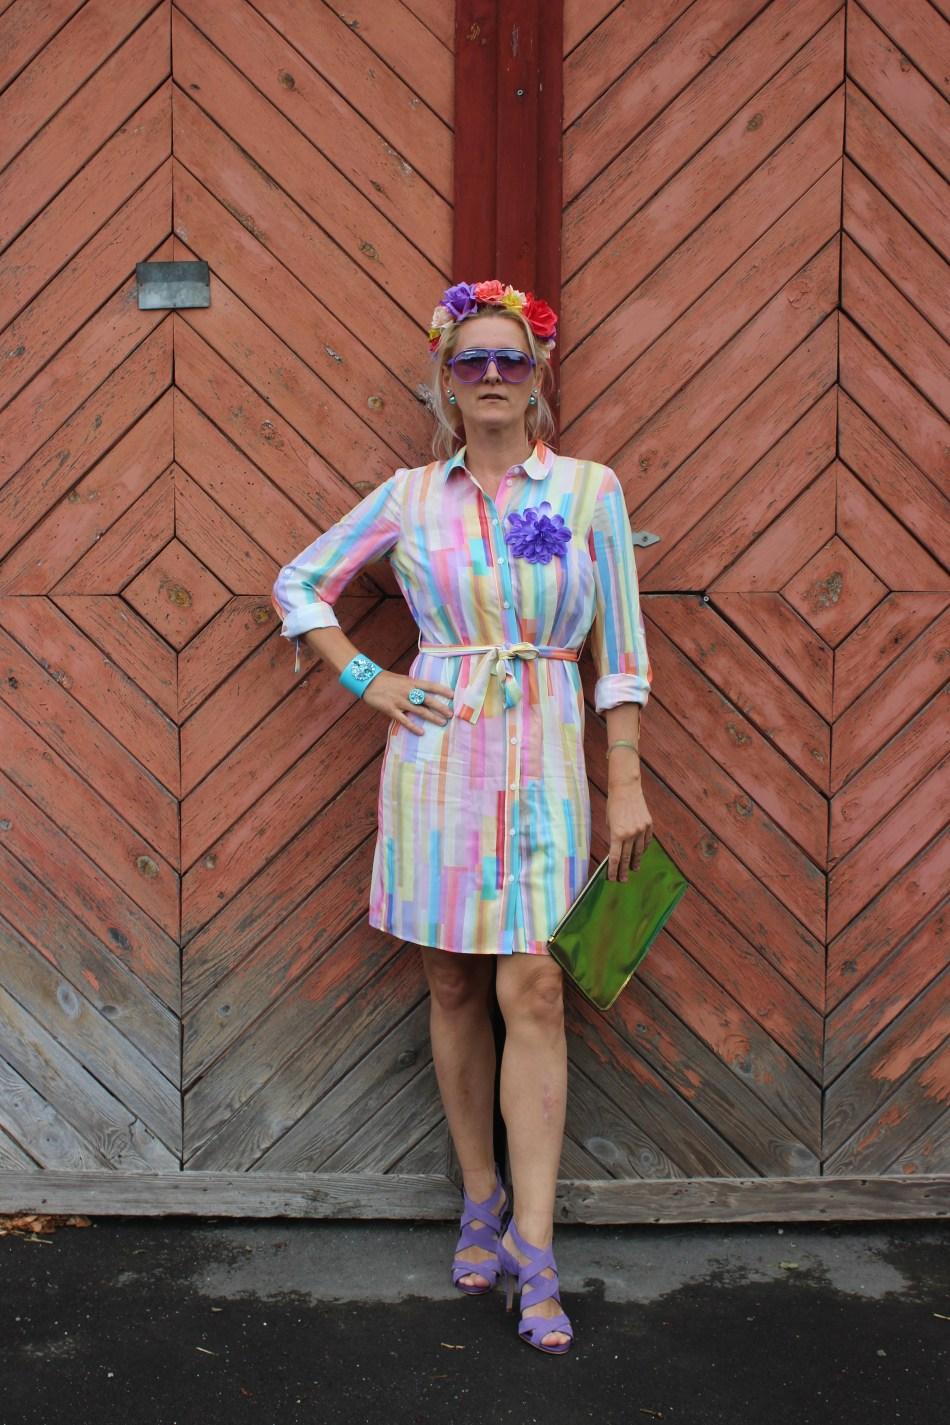 Alba Moda-Kleider Trends 2020-Streifenkleid bunt-Lila High Heels Zara, Metallic Tasche-carrieslifestyle-Tamara Prutsch-Swarovski Schmuck